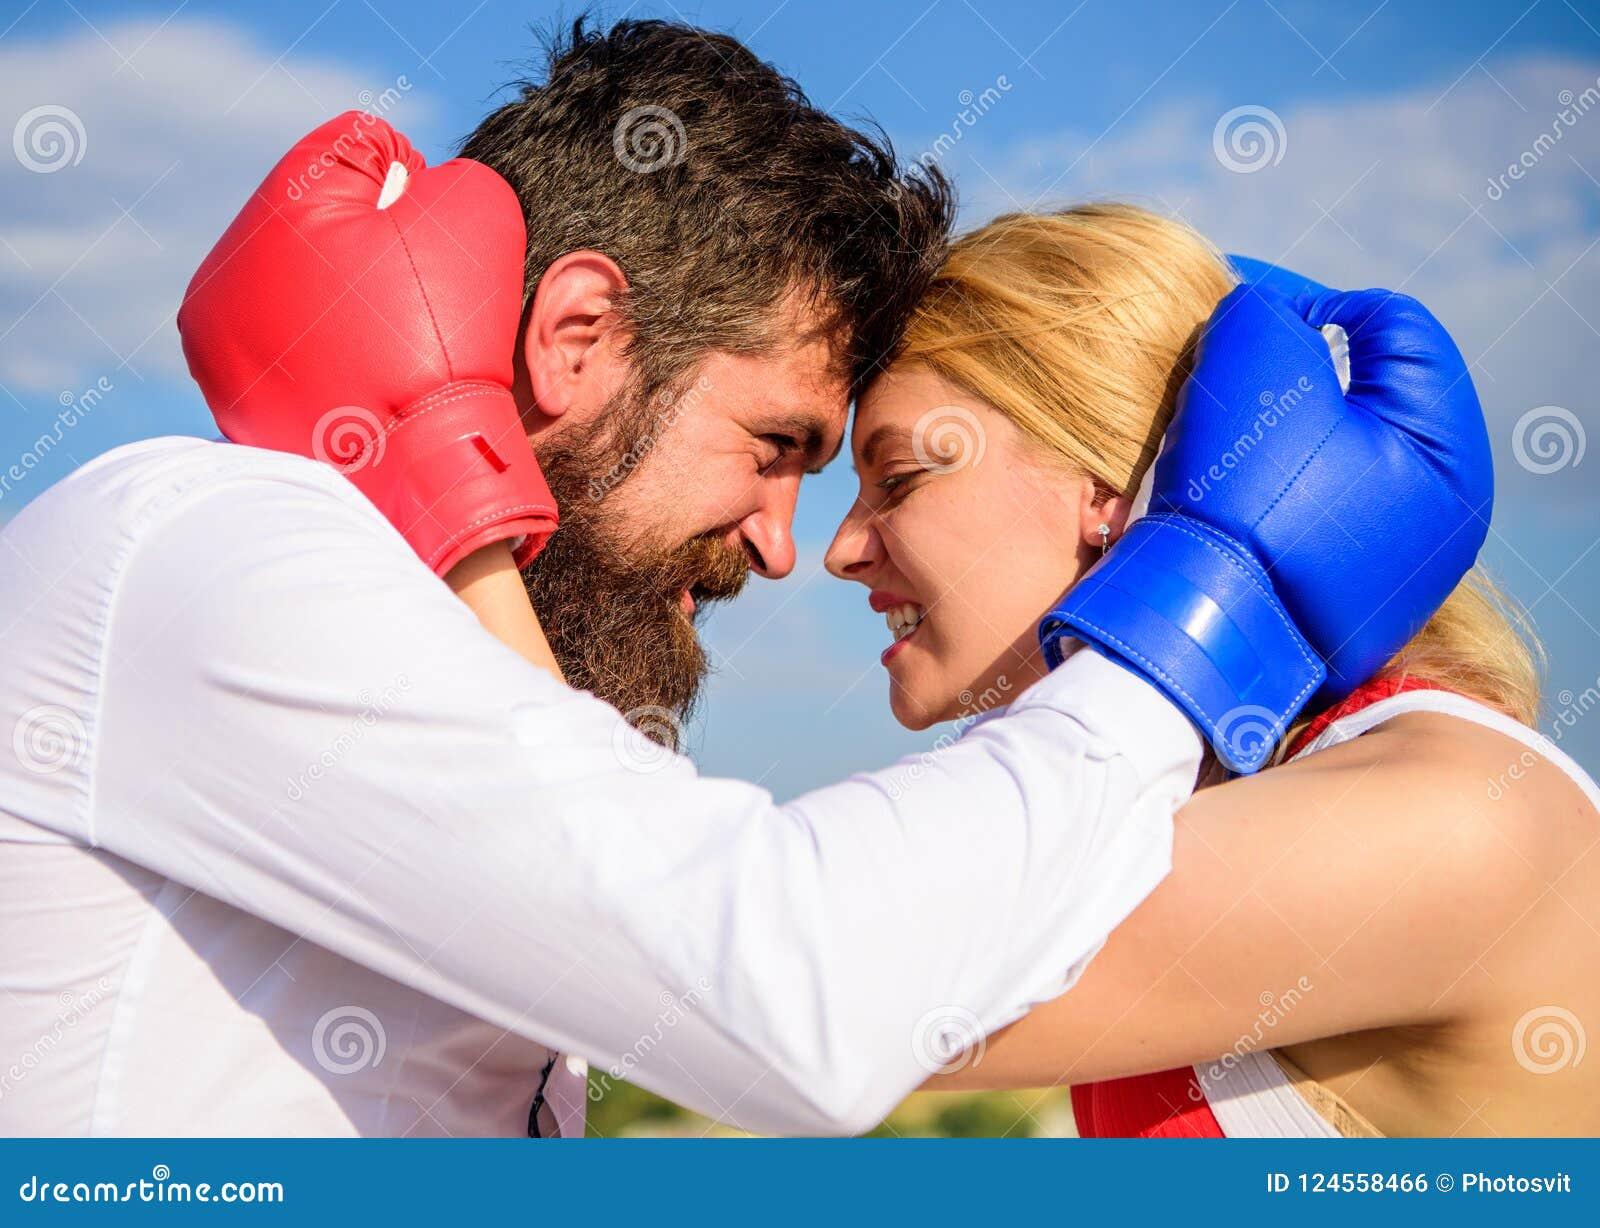 Борода и девушка человека прижимаются счастливое после боя Проблемы счастья и отношения семейной жизни Примирение и компромисс